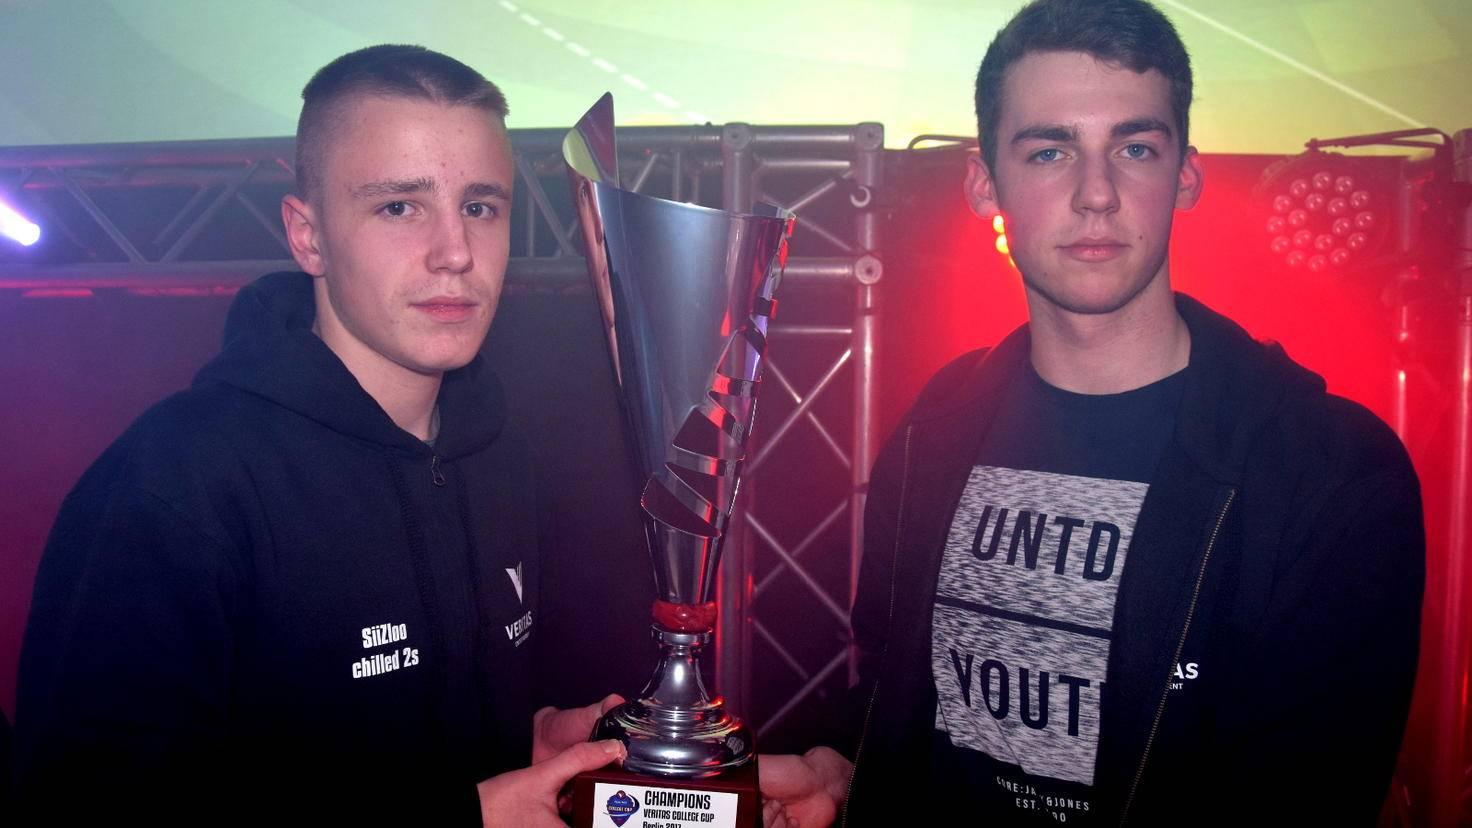 Siegerfoto mit Pokal: SiiZLoo und Gnagflow06 LFT von Chilled2s.